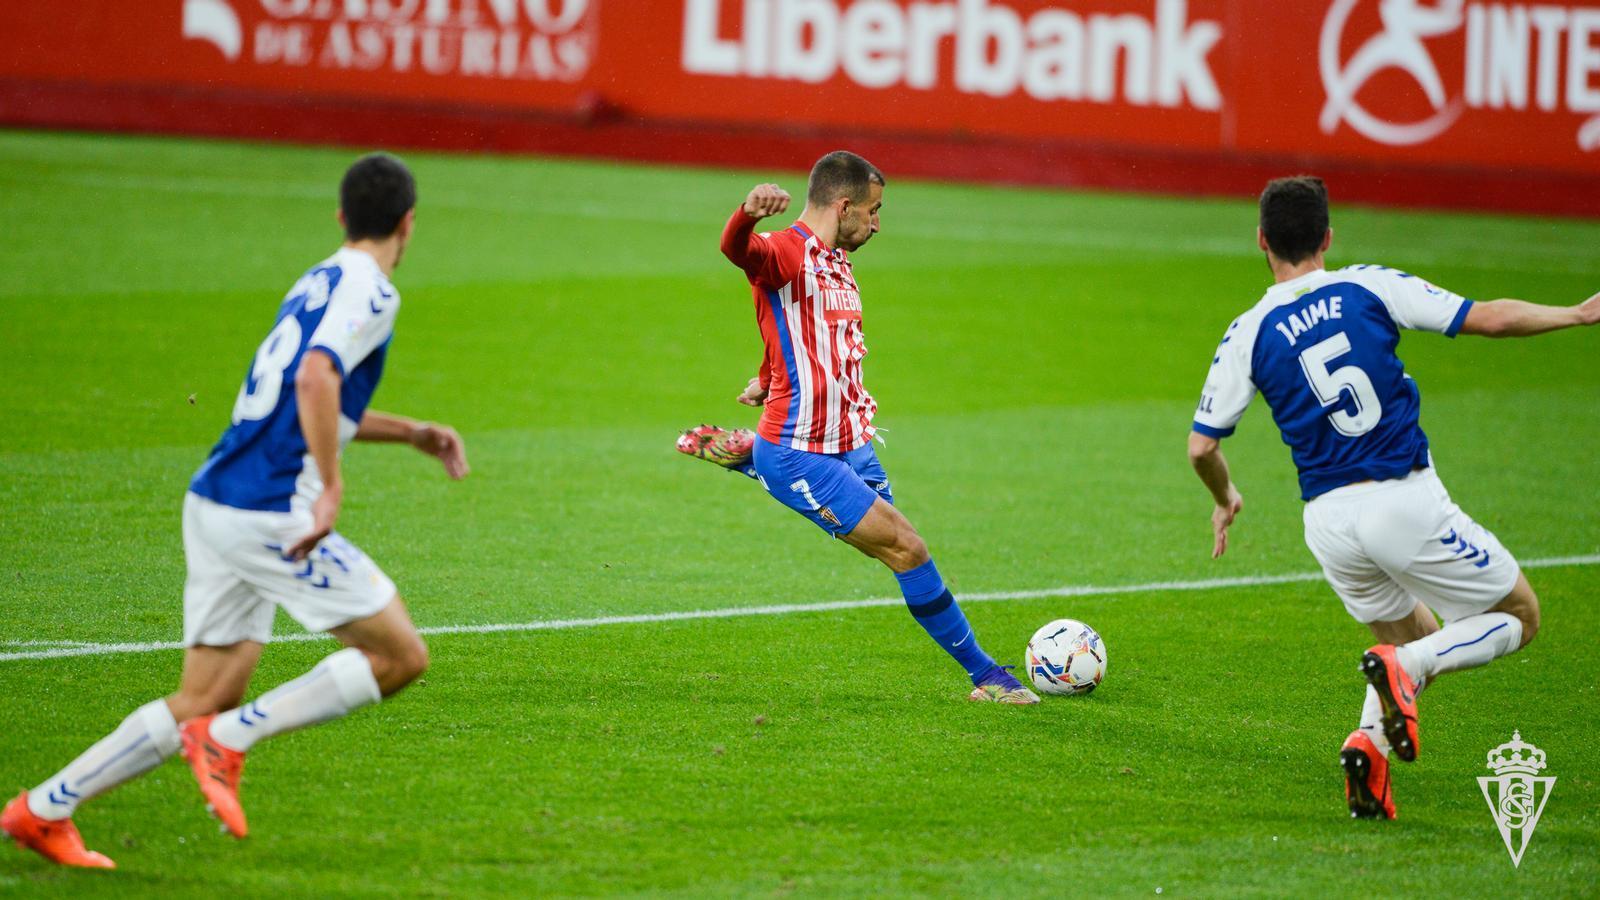 Una imatge de l'Sporting-Sabadell